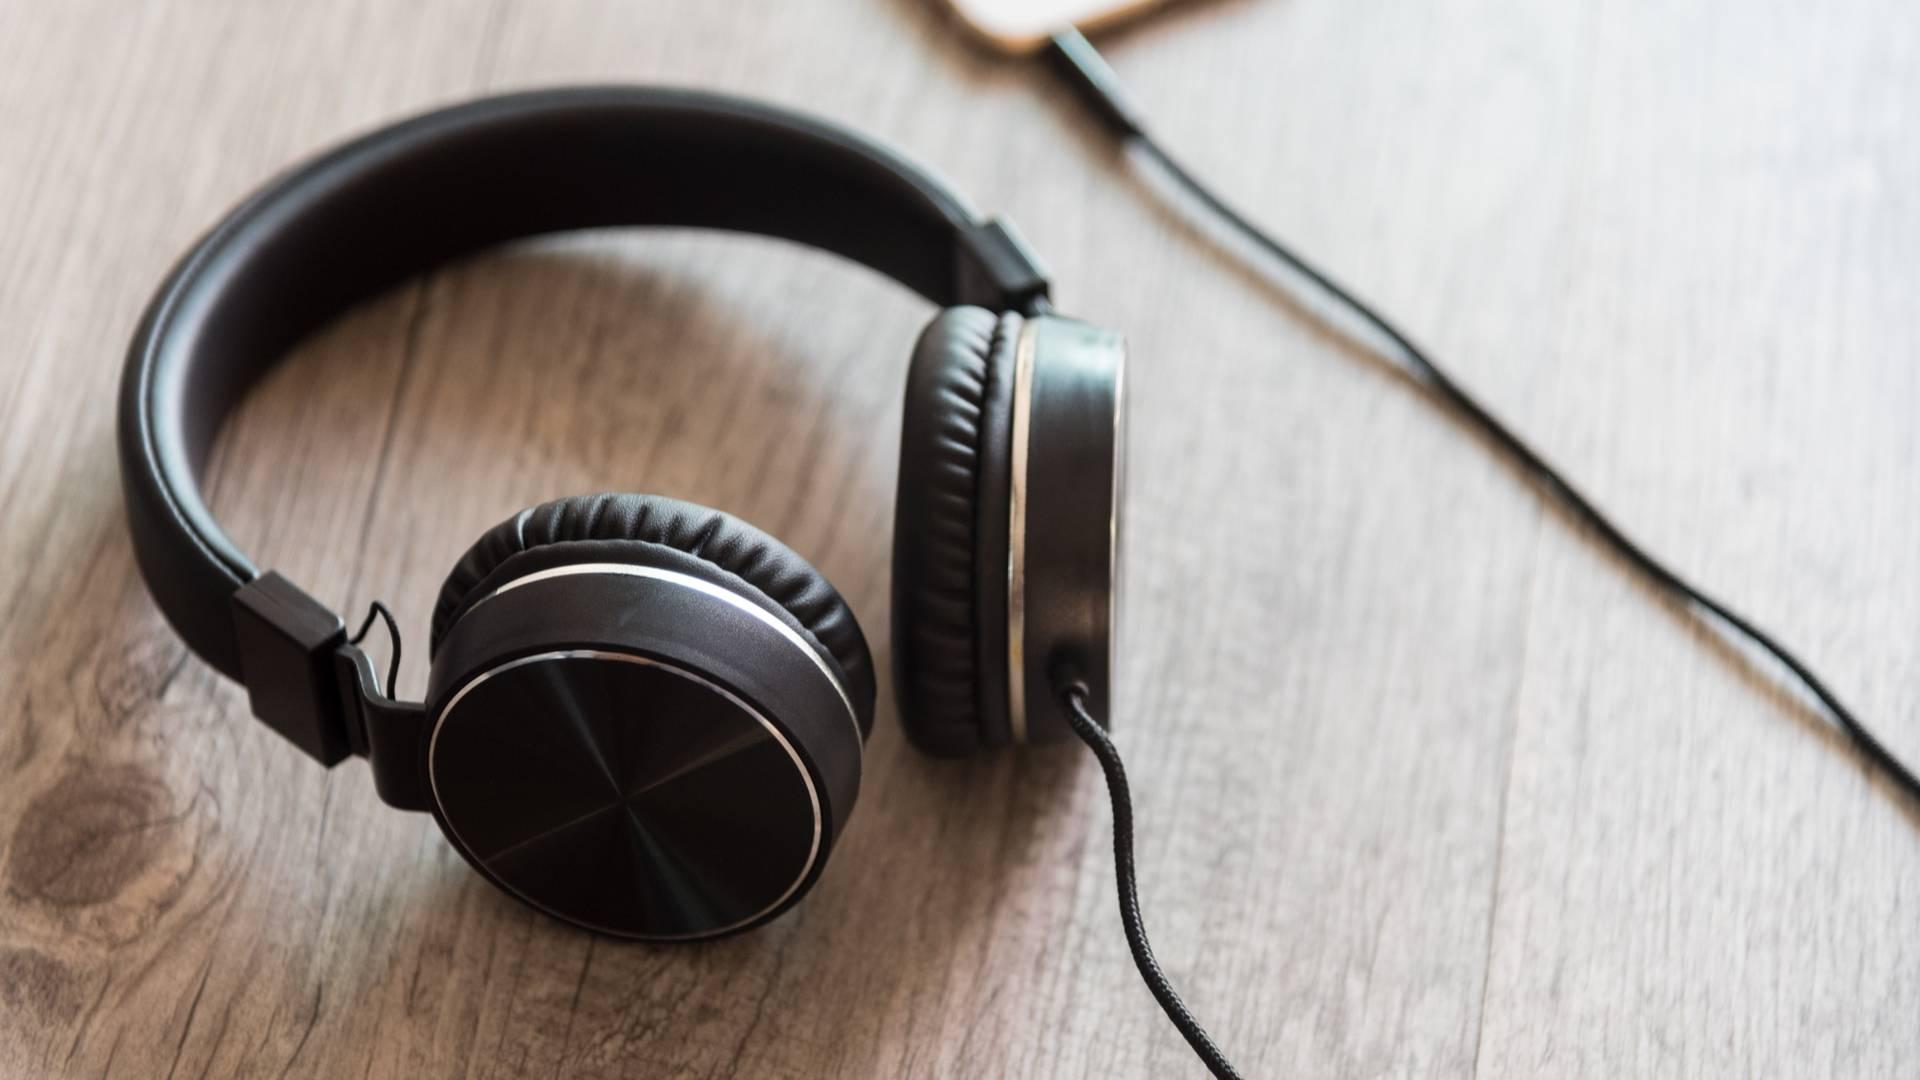 Fone de ouvido plugado em um celular em cima da mesa